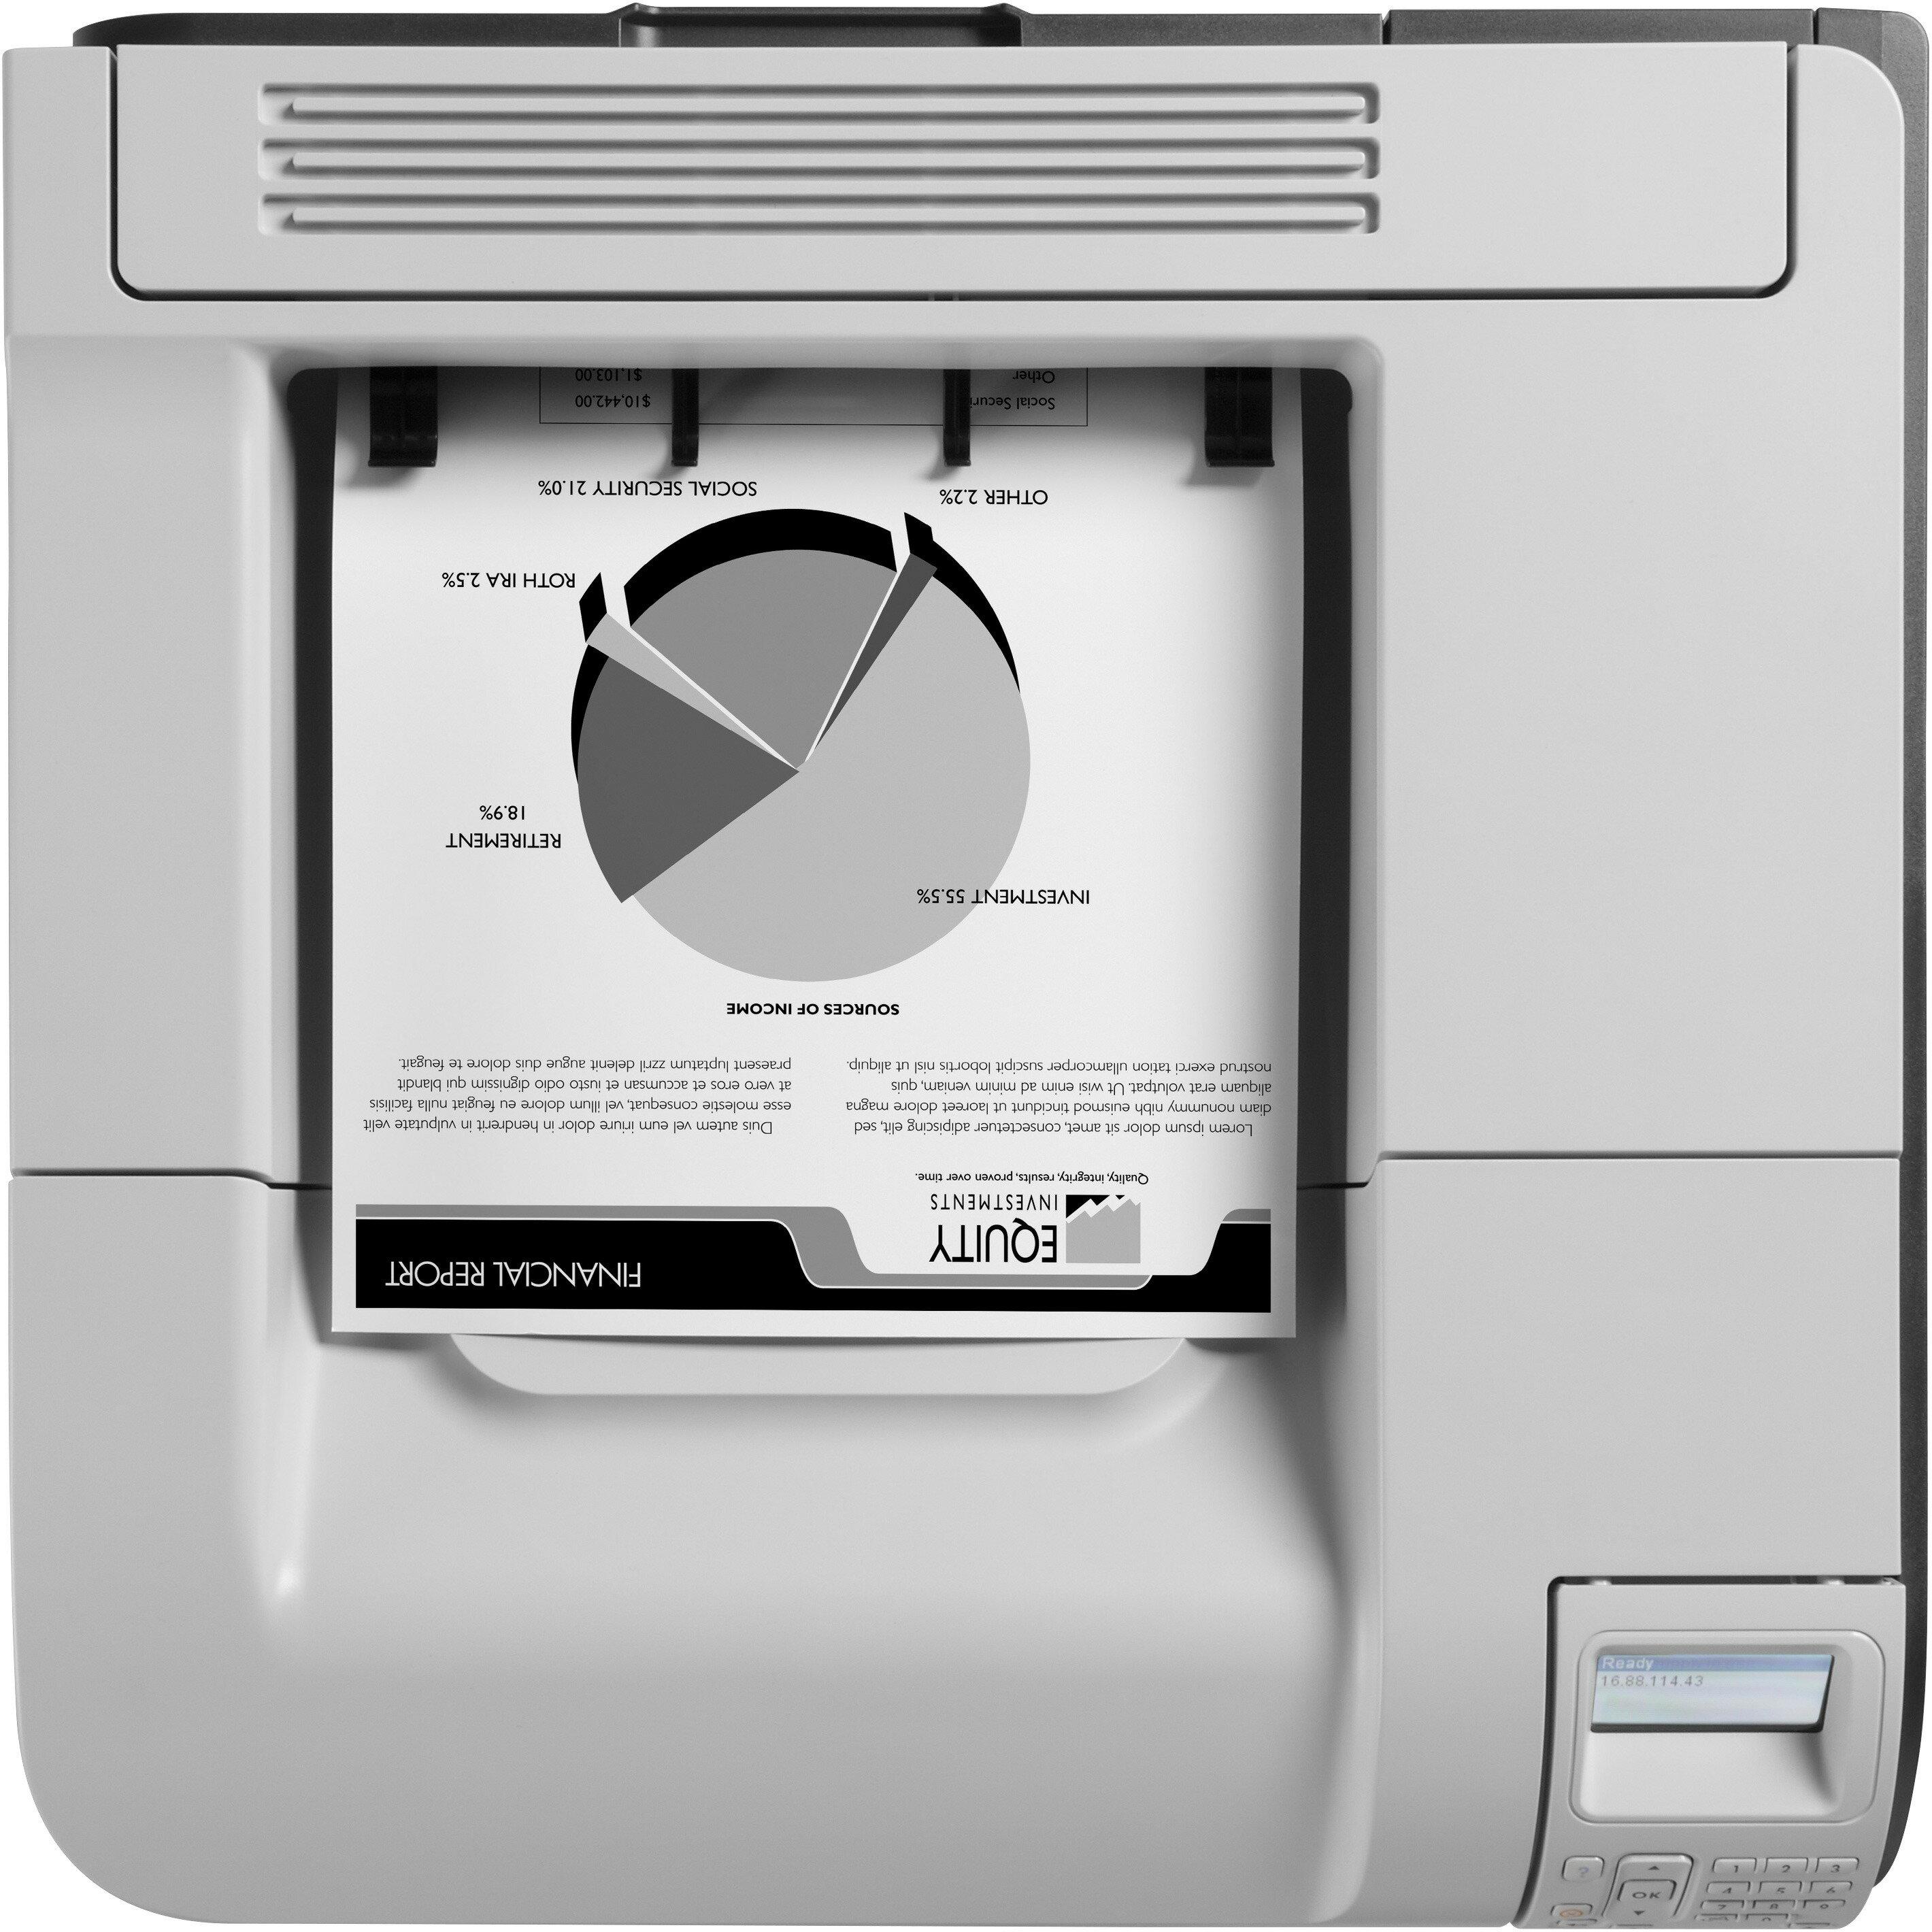 """HP LaserJet 600 M603N Laser Printer - Monochrome - 1200 x 1200 dpi Print - Plain Paper Print - Desktop - 62 ppm Mono Print - C6 Envelope, A4, A5, A6, B6 (JIS), B5 (JIS), 16K, Executive JIS, RA4, Letter, ... - 4.49"""", 8.27"""", 5.83"""", 4.13"""", 3.94"""", 8.50"""", ... 4"""